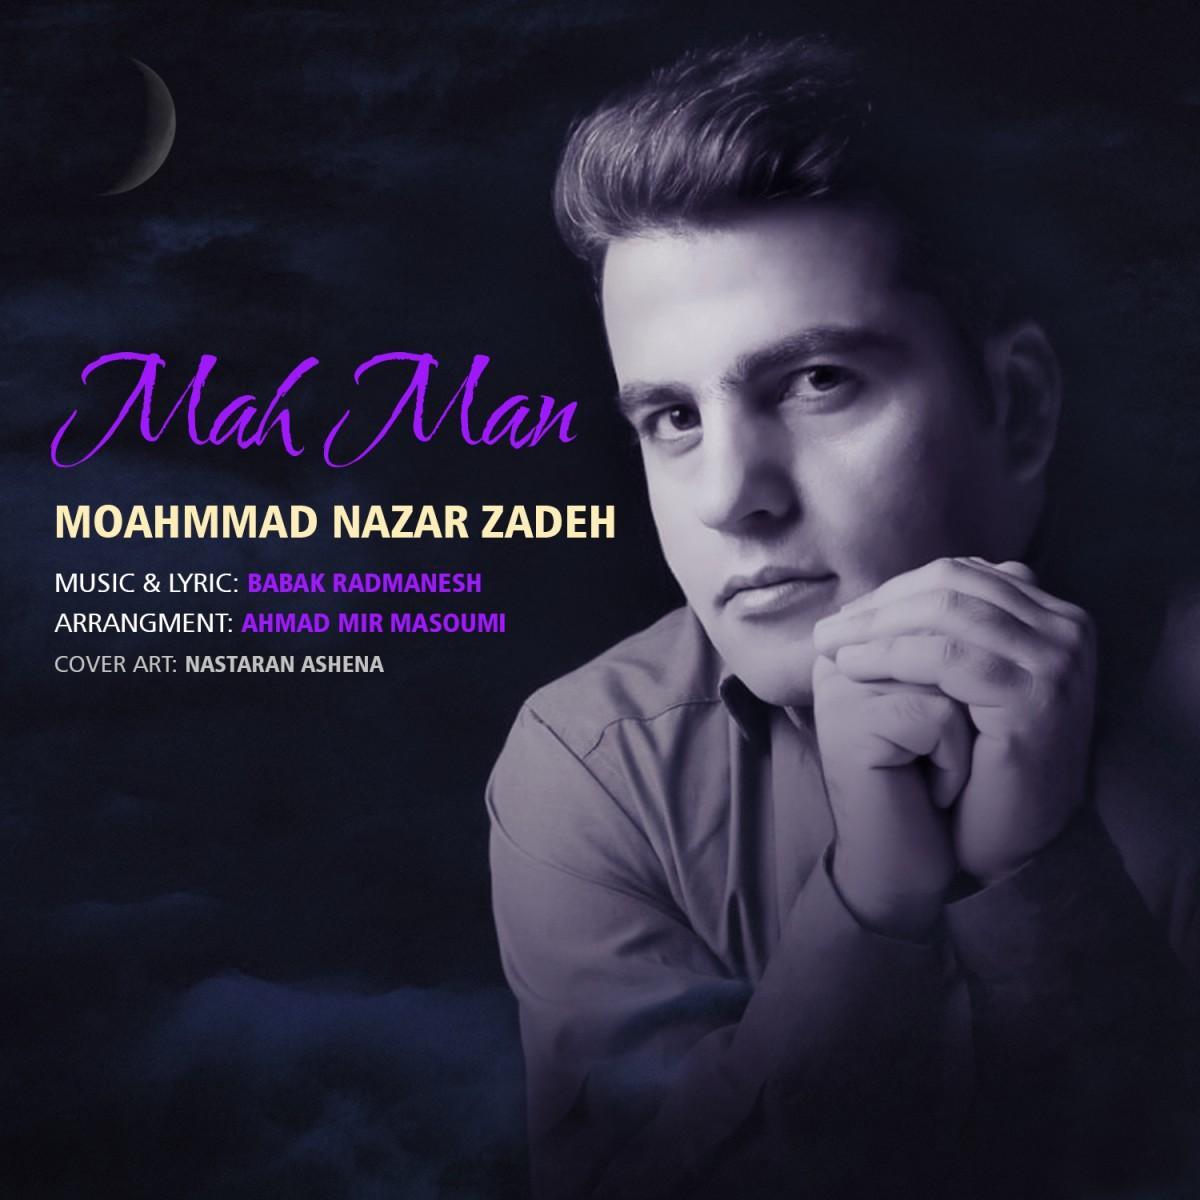 دانلود آهنگ محمد نظرزاده به نام ماه من